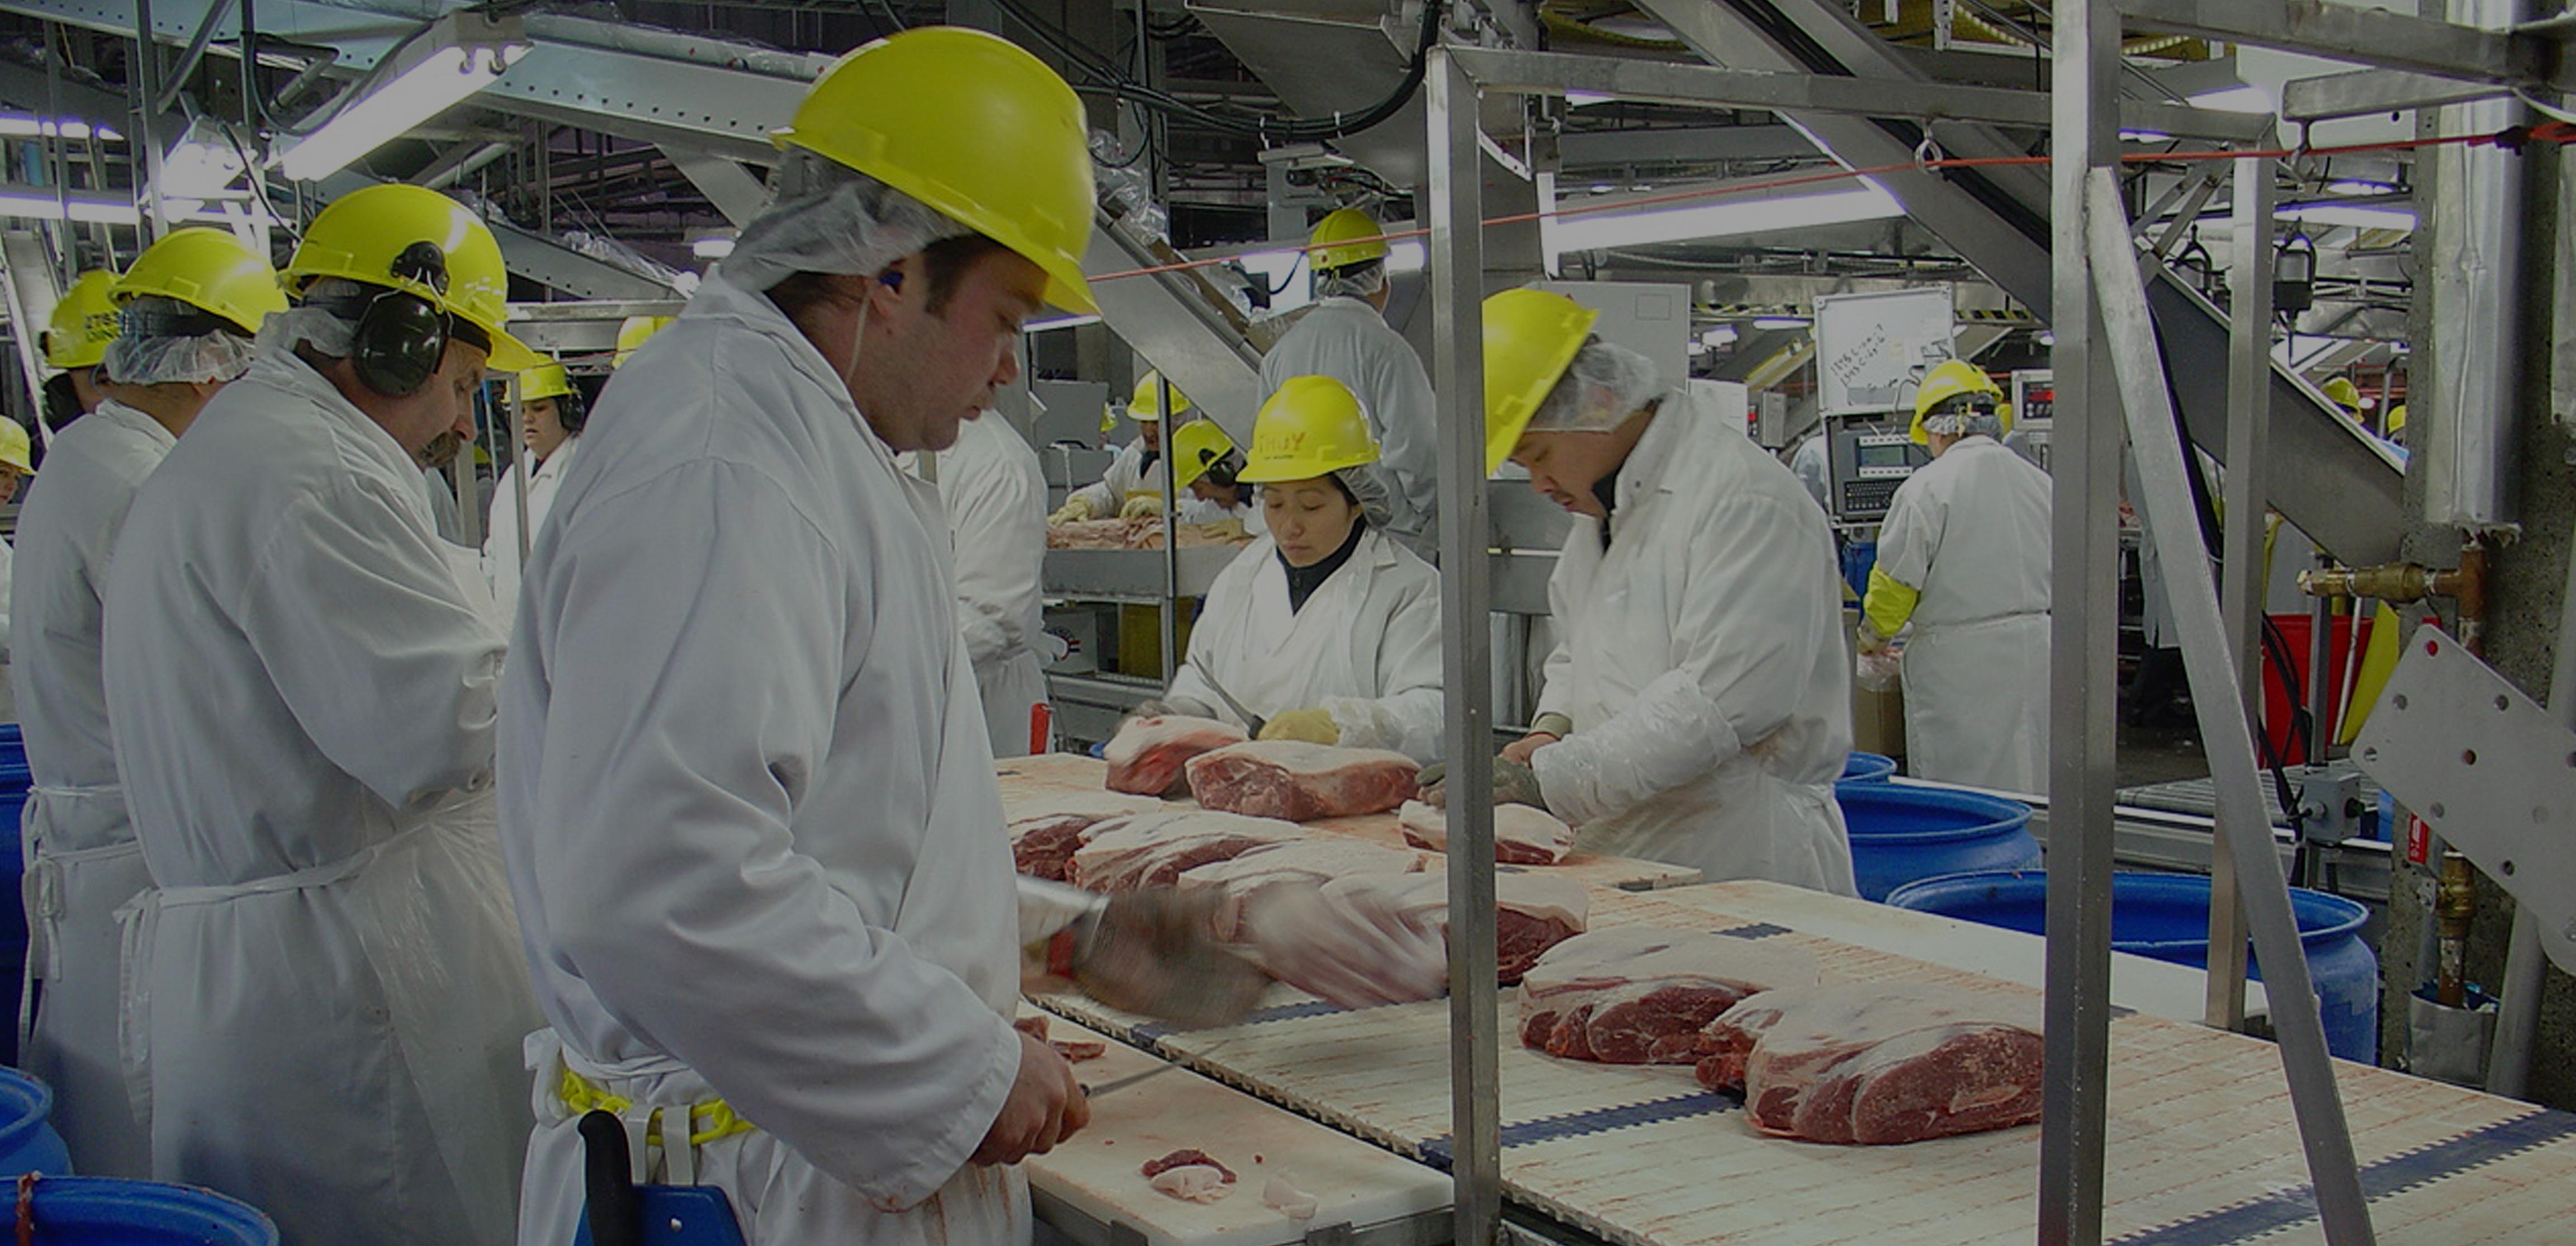 Pork Line Workers Olymel